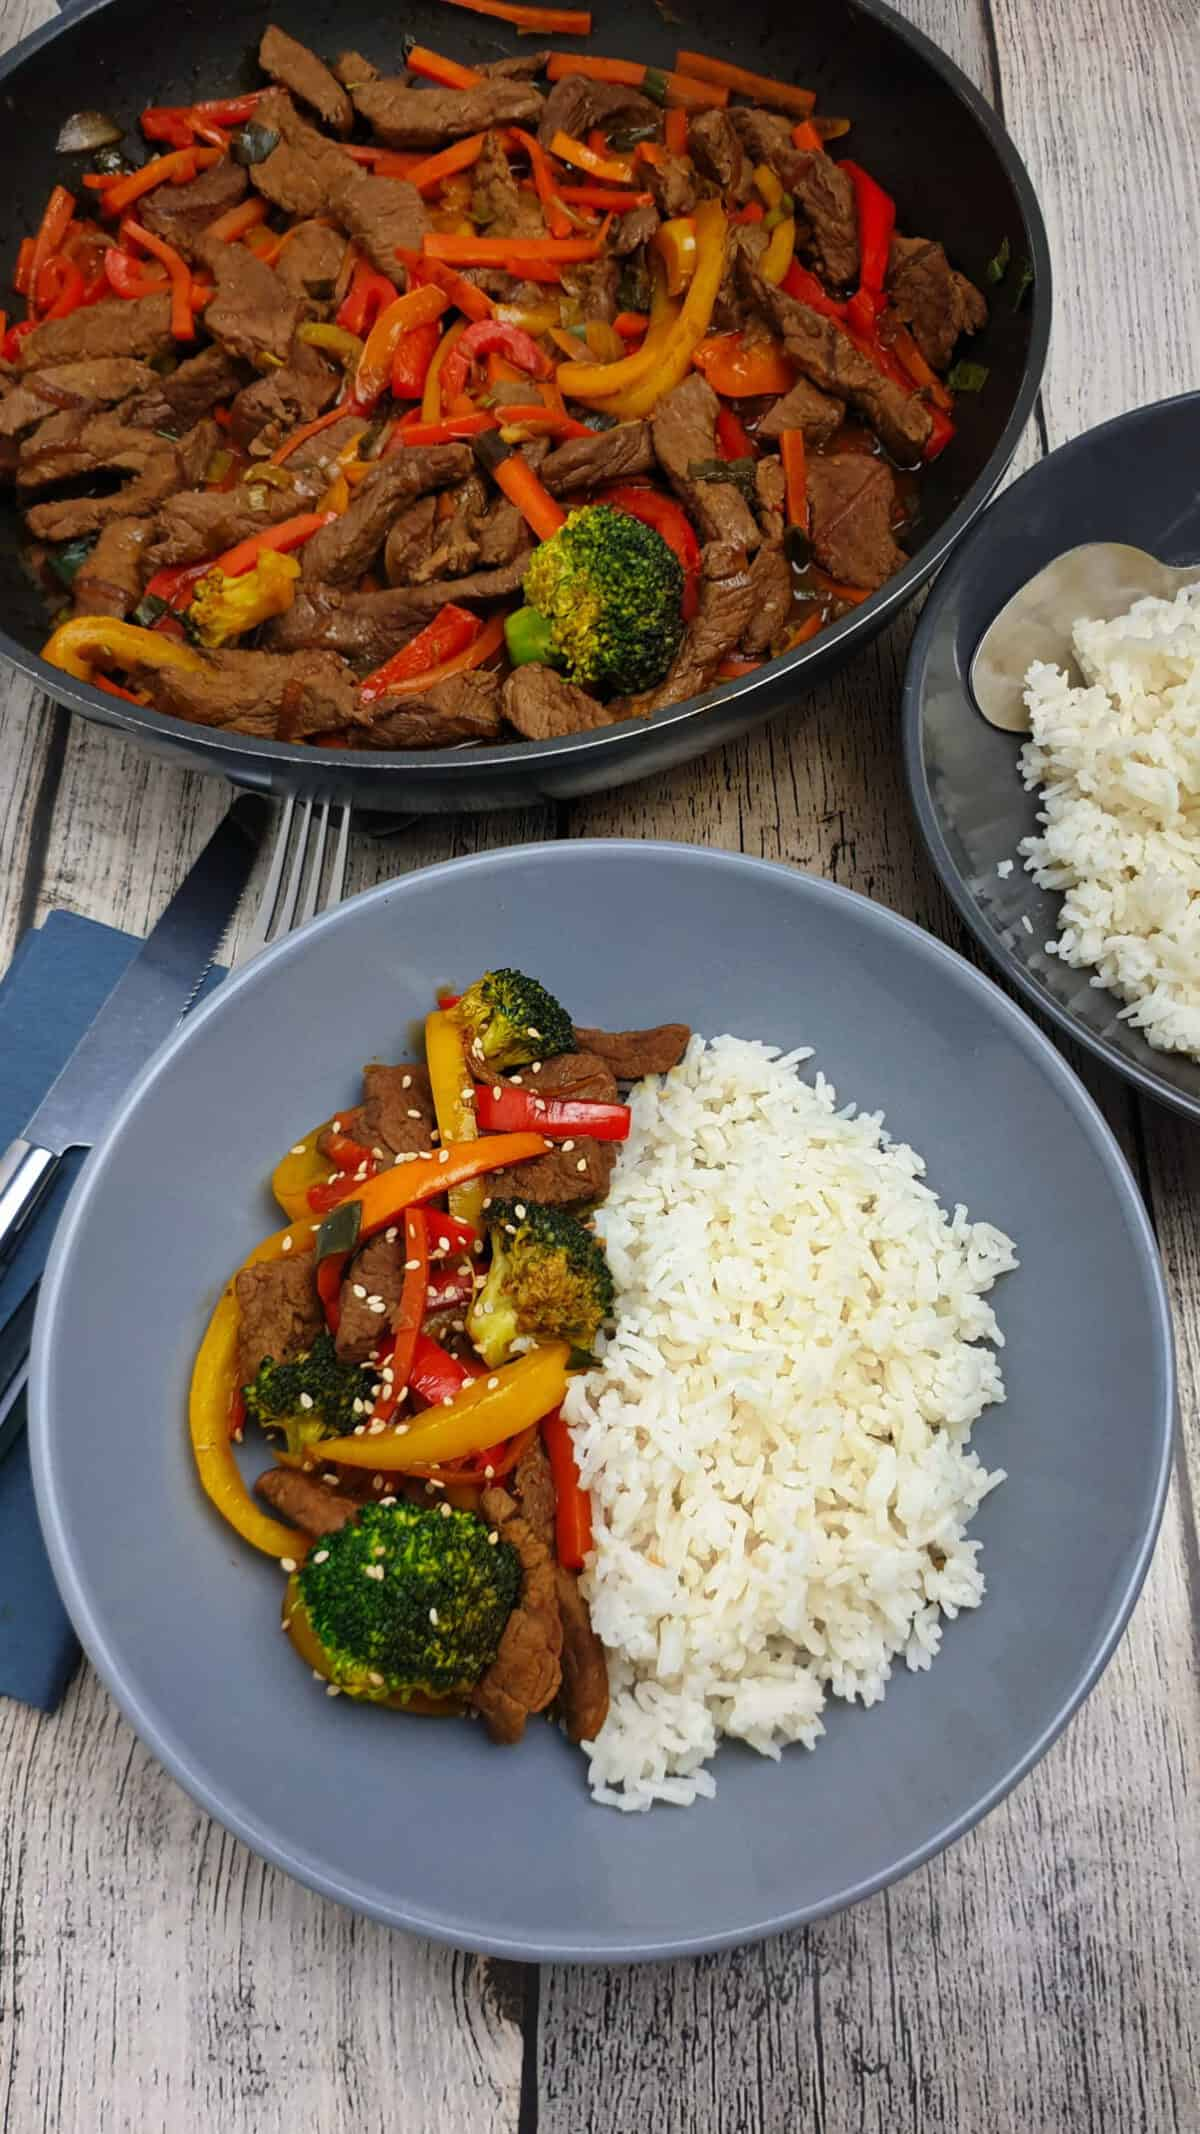 Asia Rindfleisch mit Reis in einer grauen Schale angerichtet. Im Hintergrund eine Pfanne.